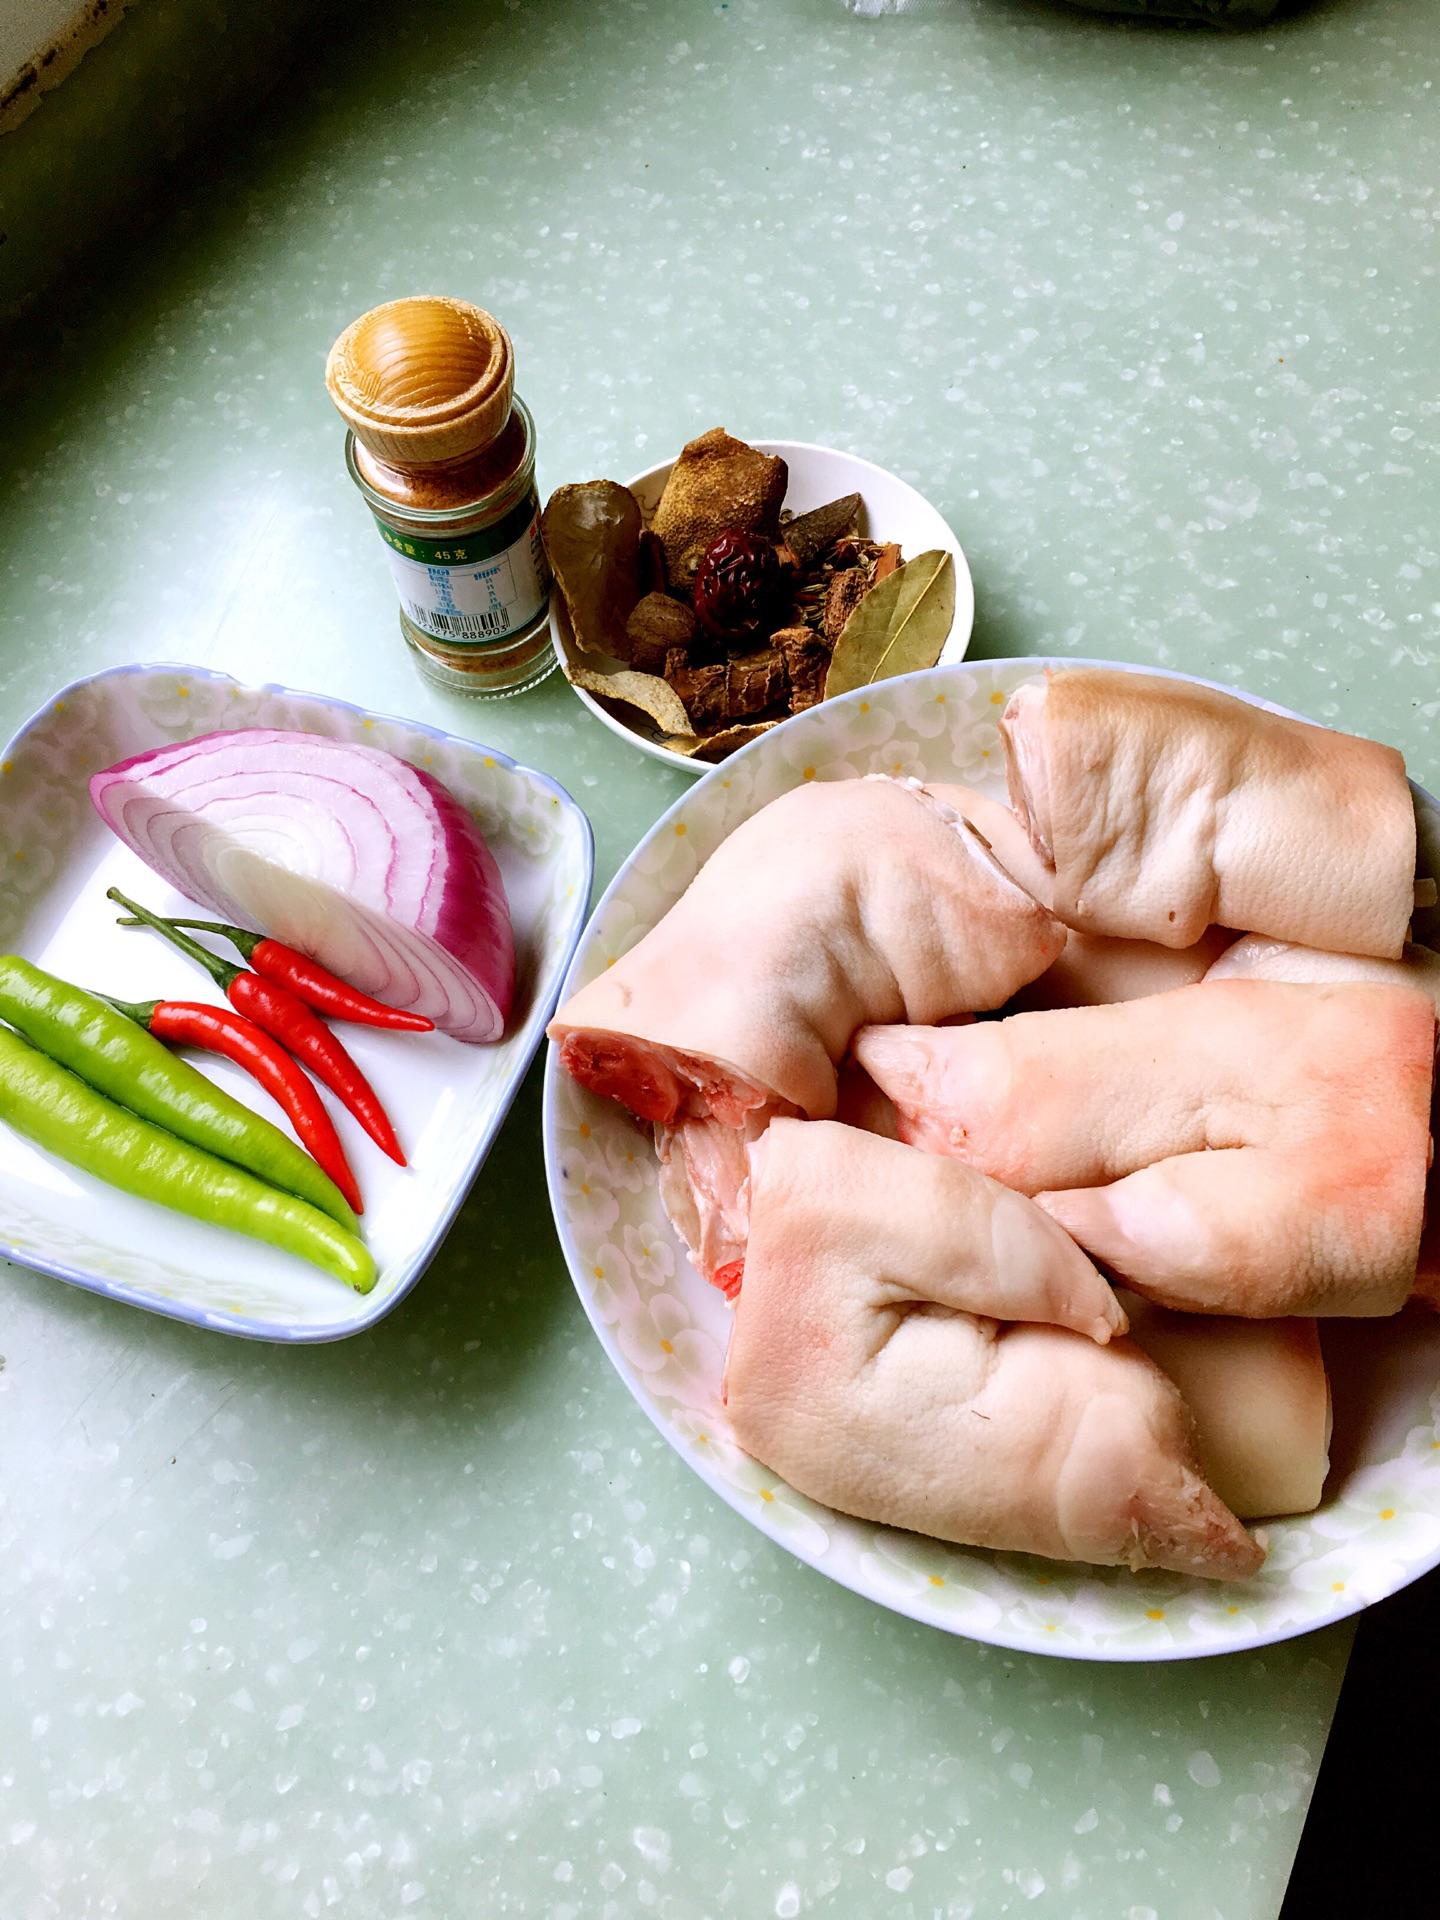 椒盐猪爪的做法步骤